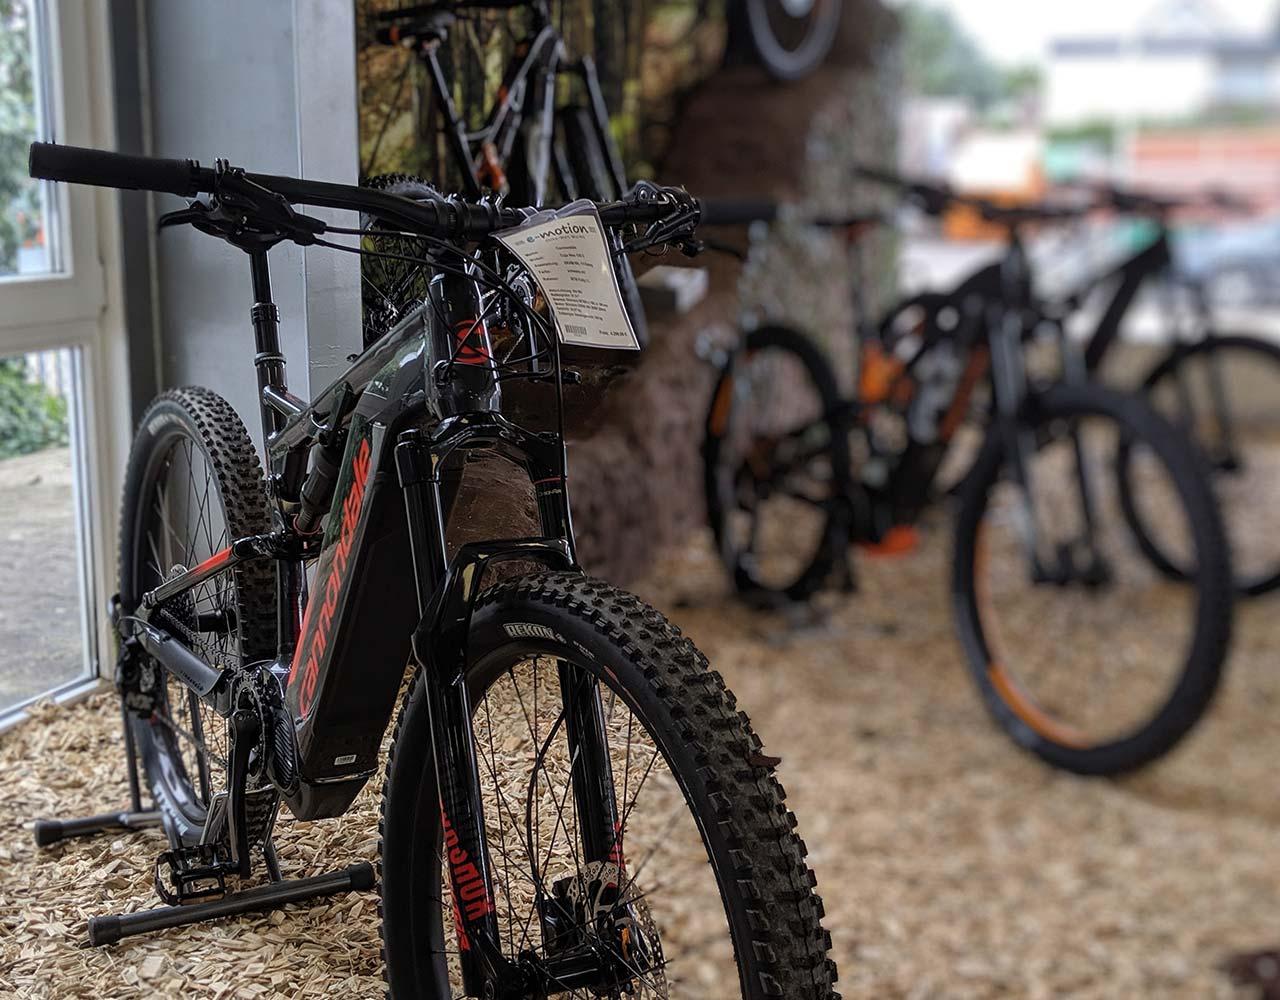 ...Unsere große Auswahl an Top e-MTBs bietet für jeden Mountainbiker das richtige Gefährt!